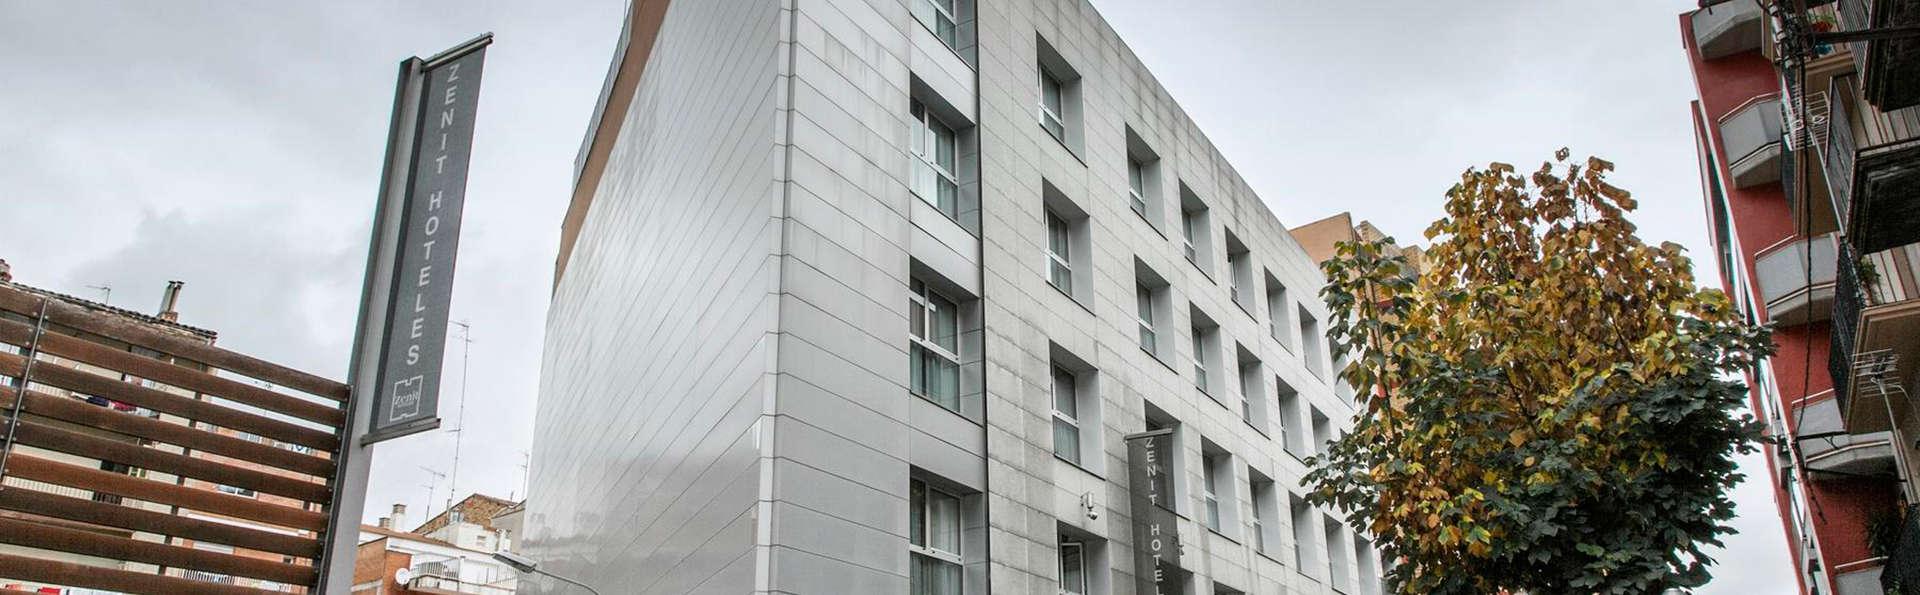 Hotel Zenit Lleida - EDIT_front1.jpg